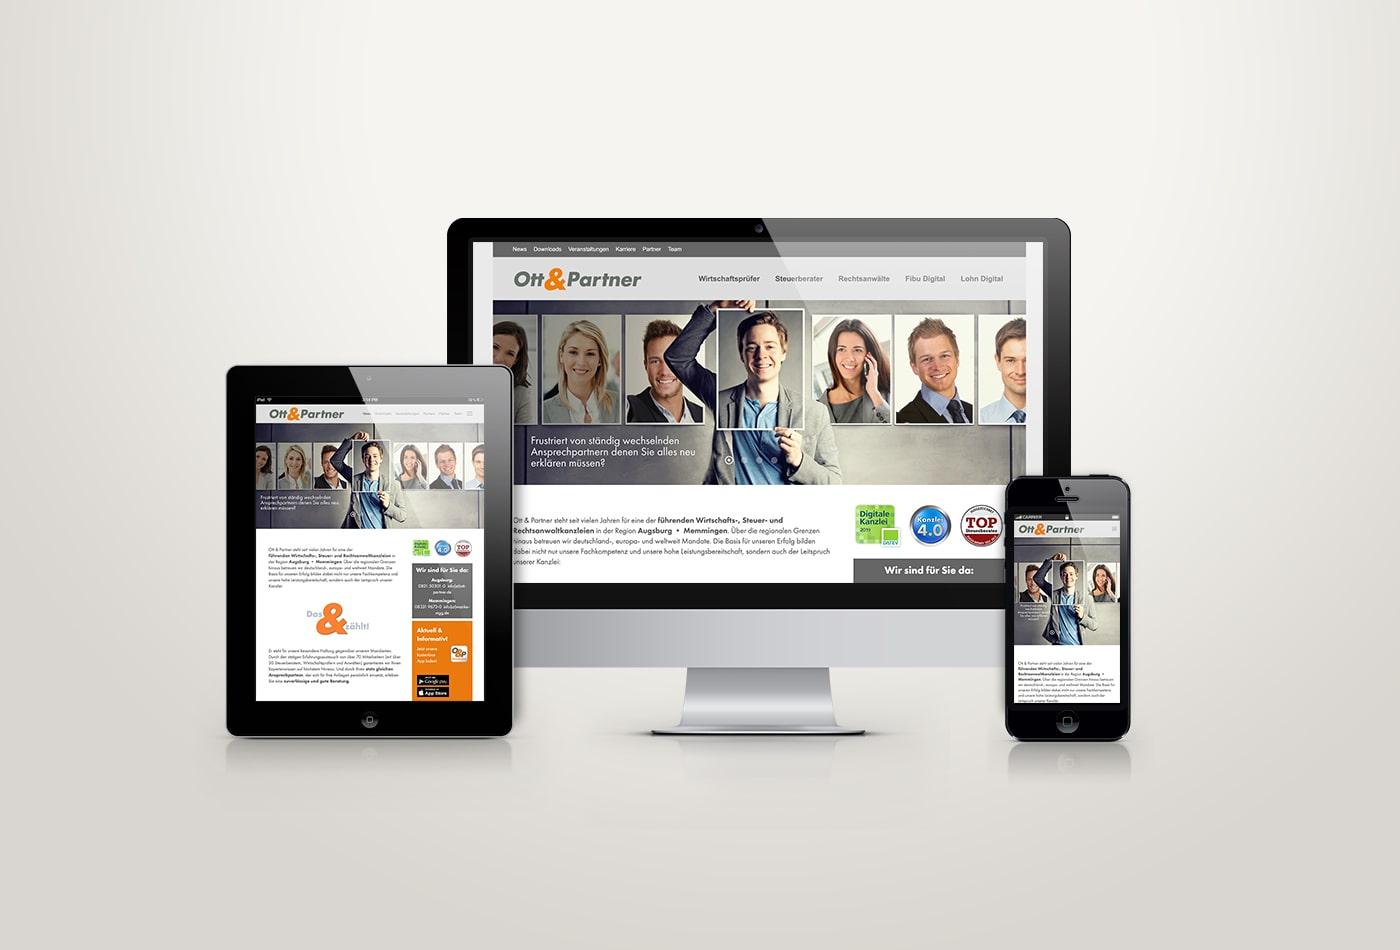 Ott&Partner Webdesign